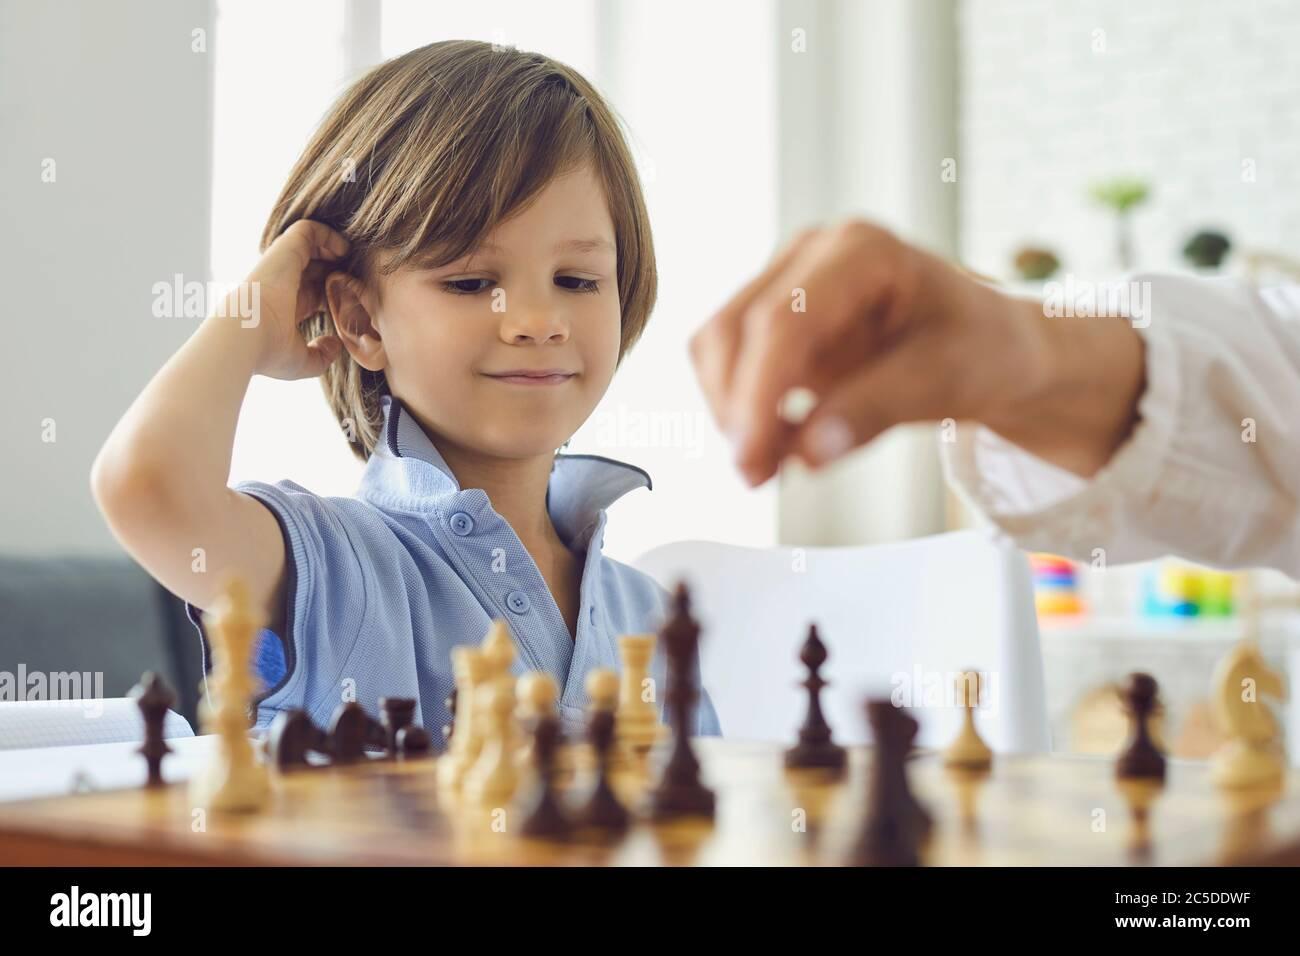 Adorable petit garçon jouant aux échecs avec sa mère à la maison. Enfant mignon appréciant jeu de stratégie de plateau avec ses parents à l'intérieur Banque D'Images